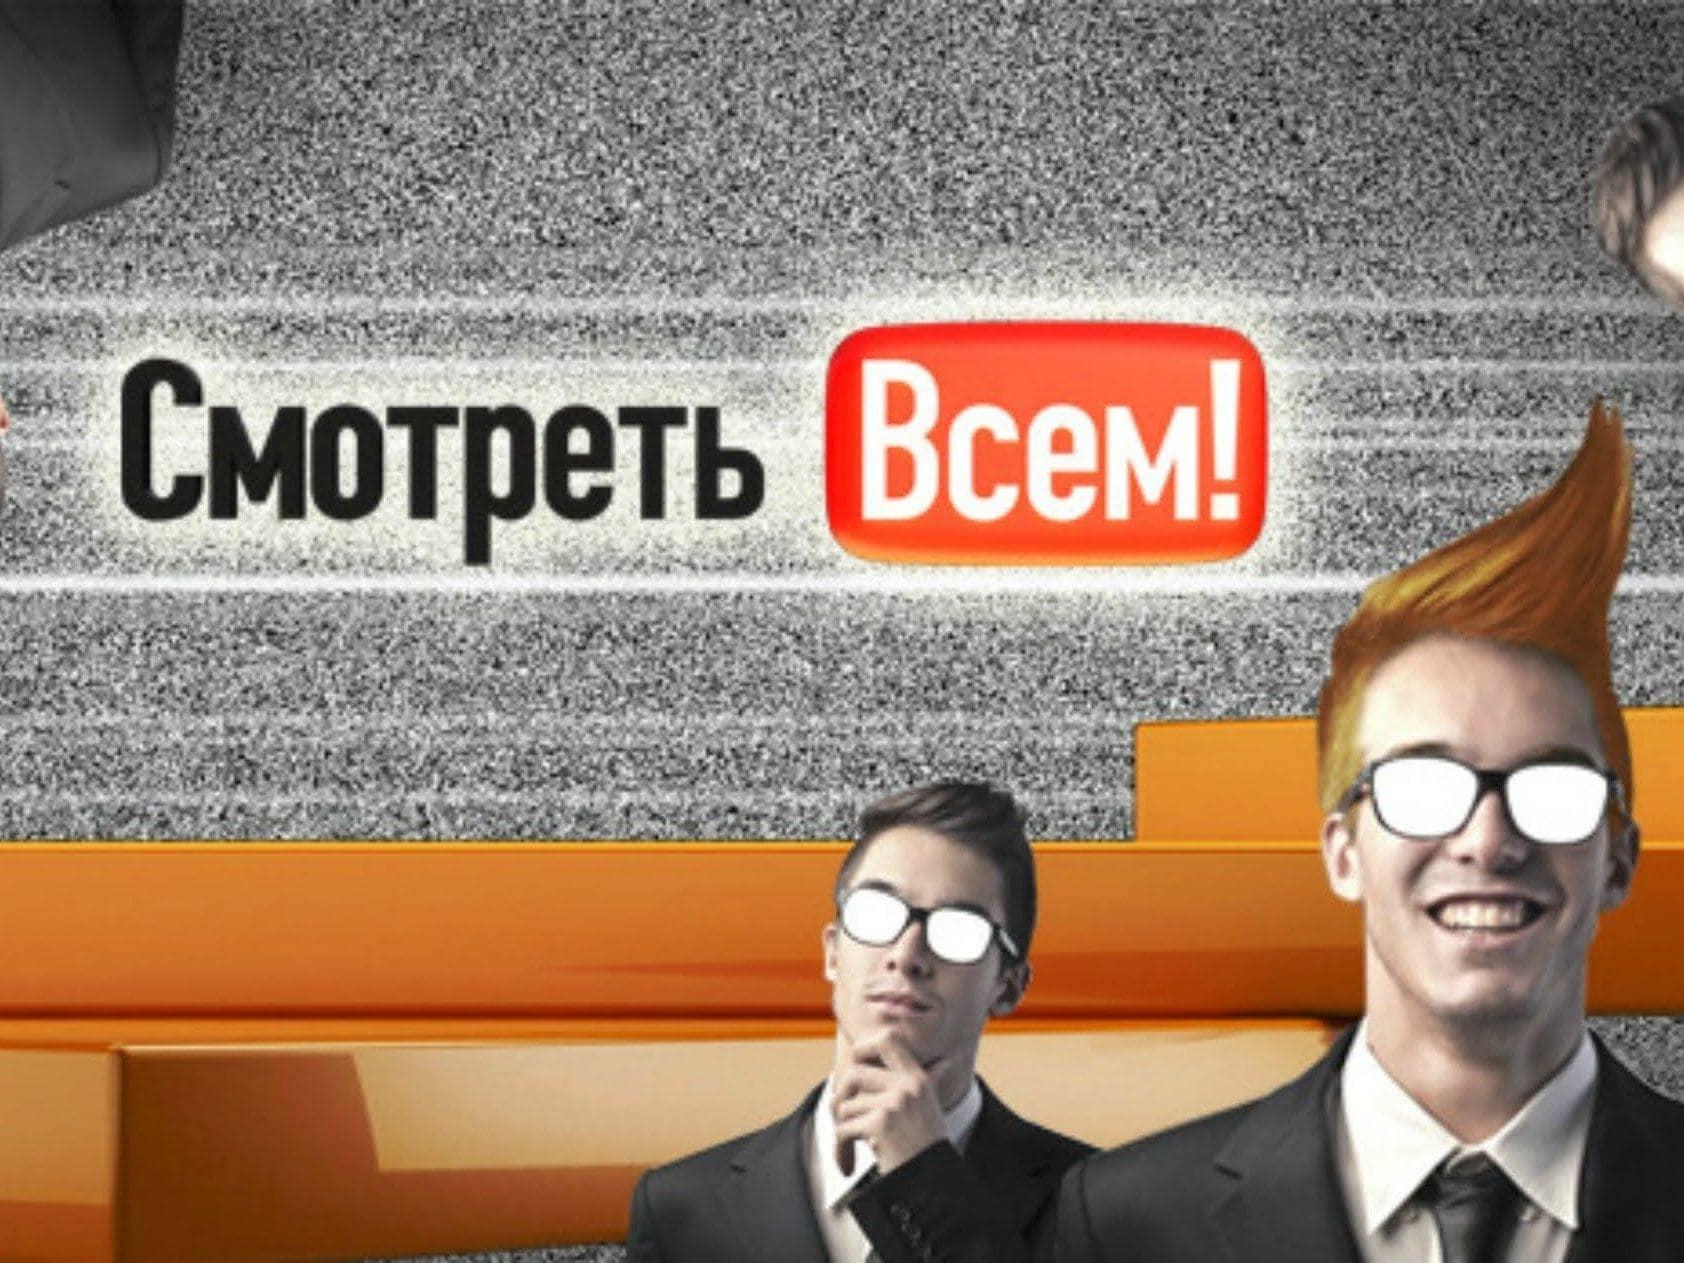 Смотреть всем! 395 серия в 22:31 на РЕН ТВ